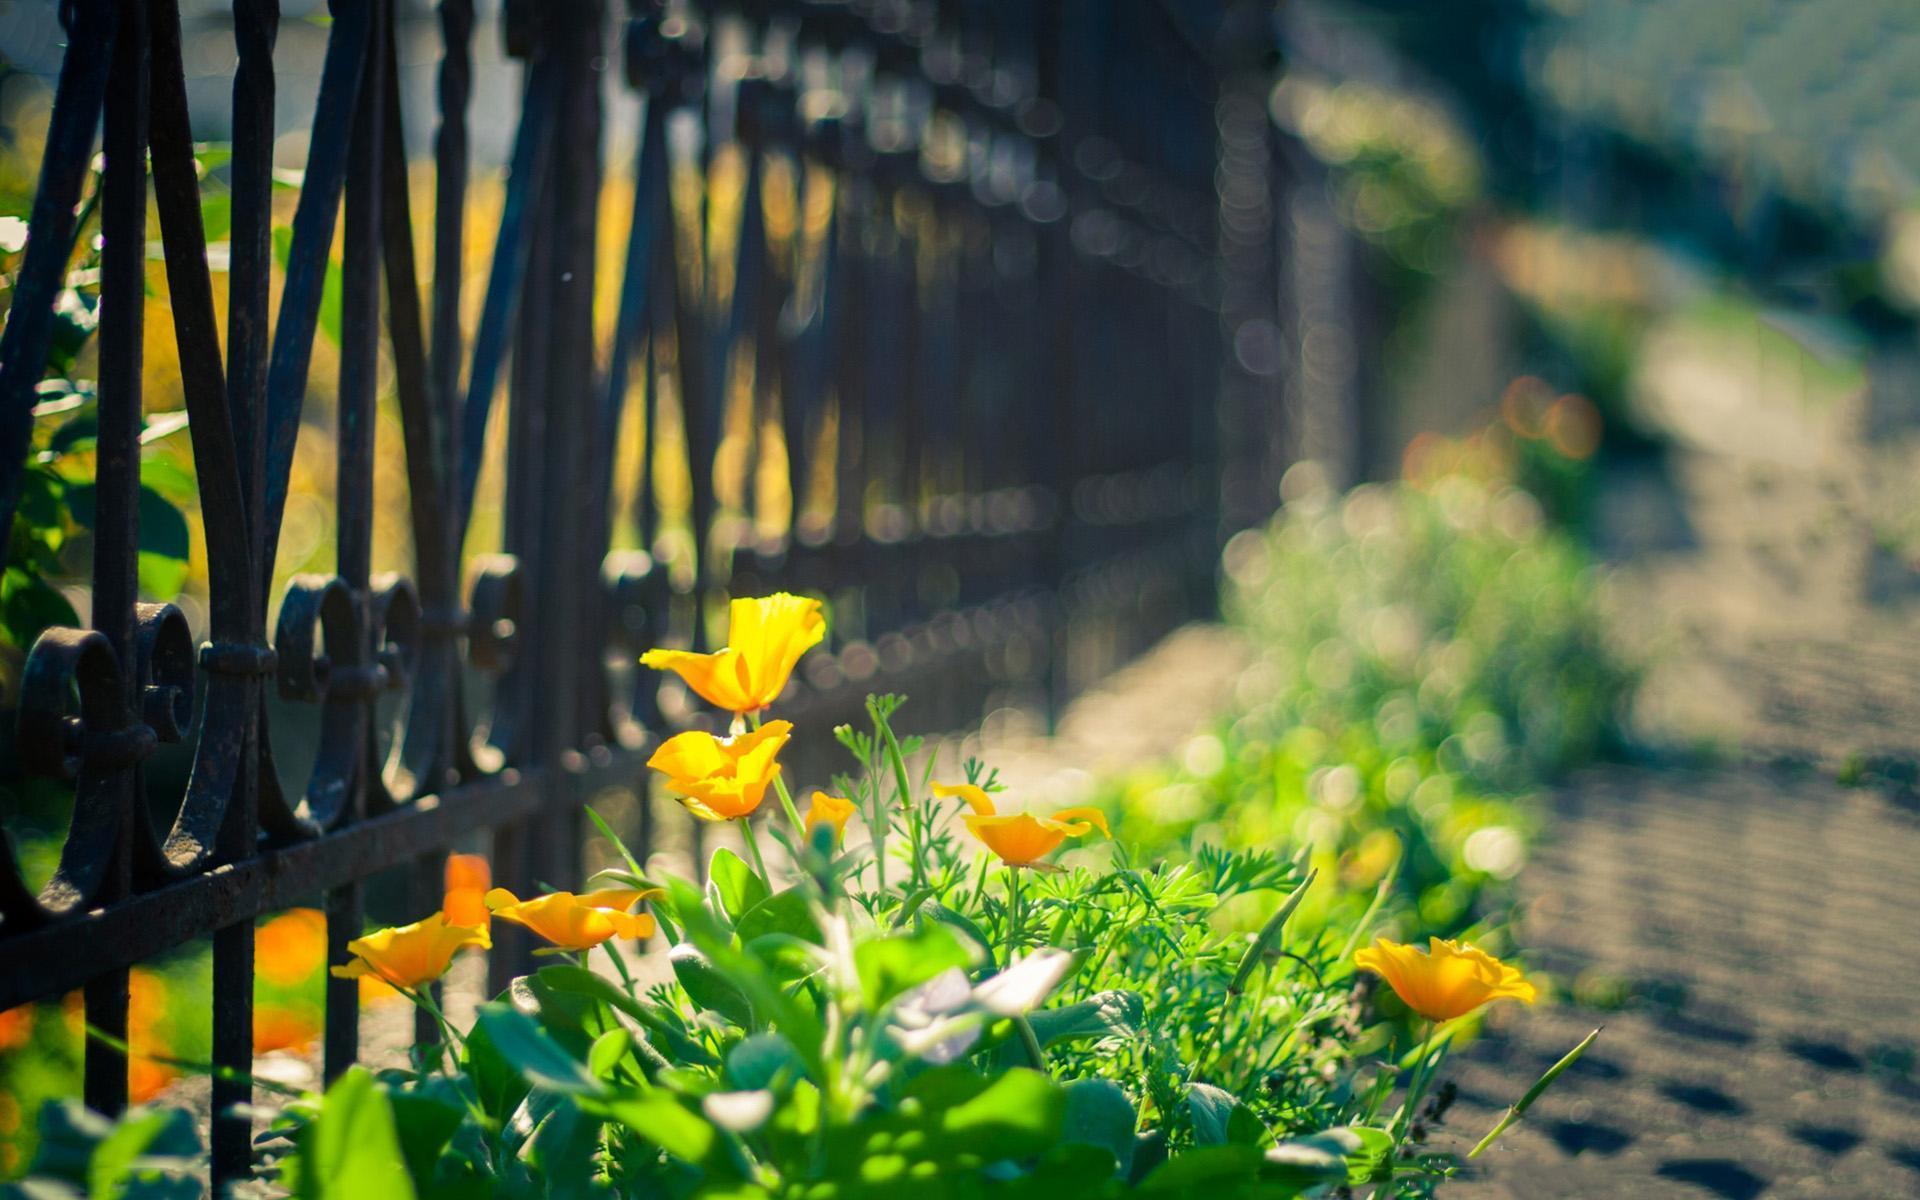 選擇放棄一個人的句子心情說說:回憶總是會不自覺在心里浮現